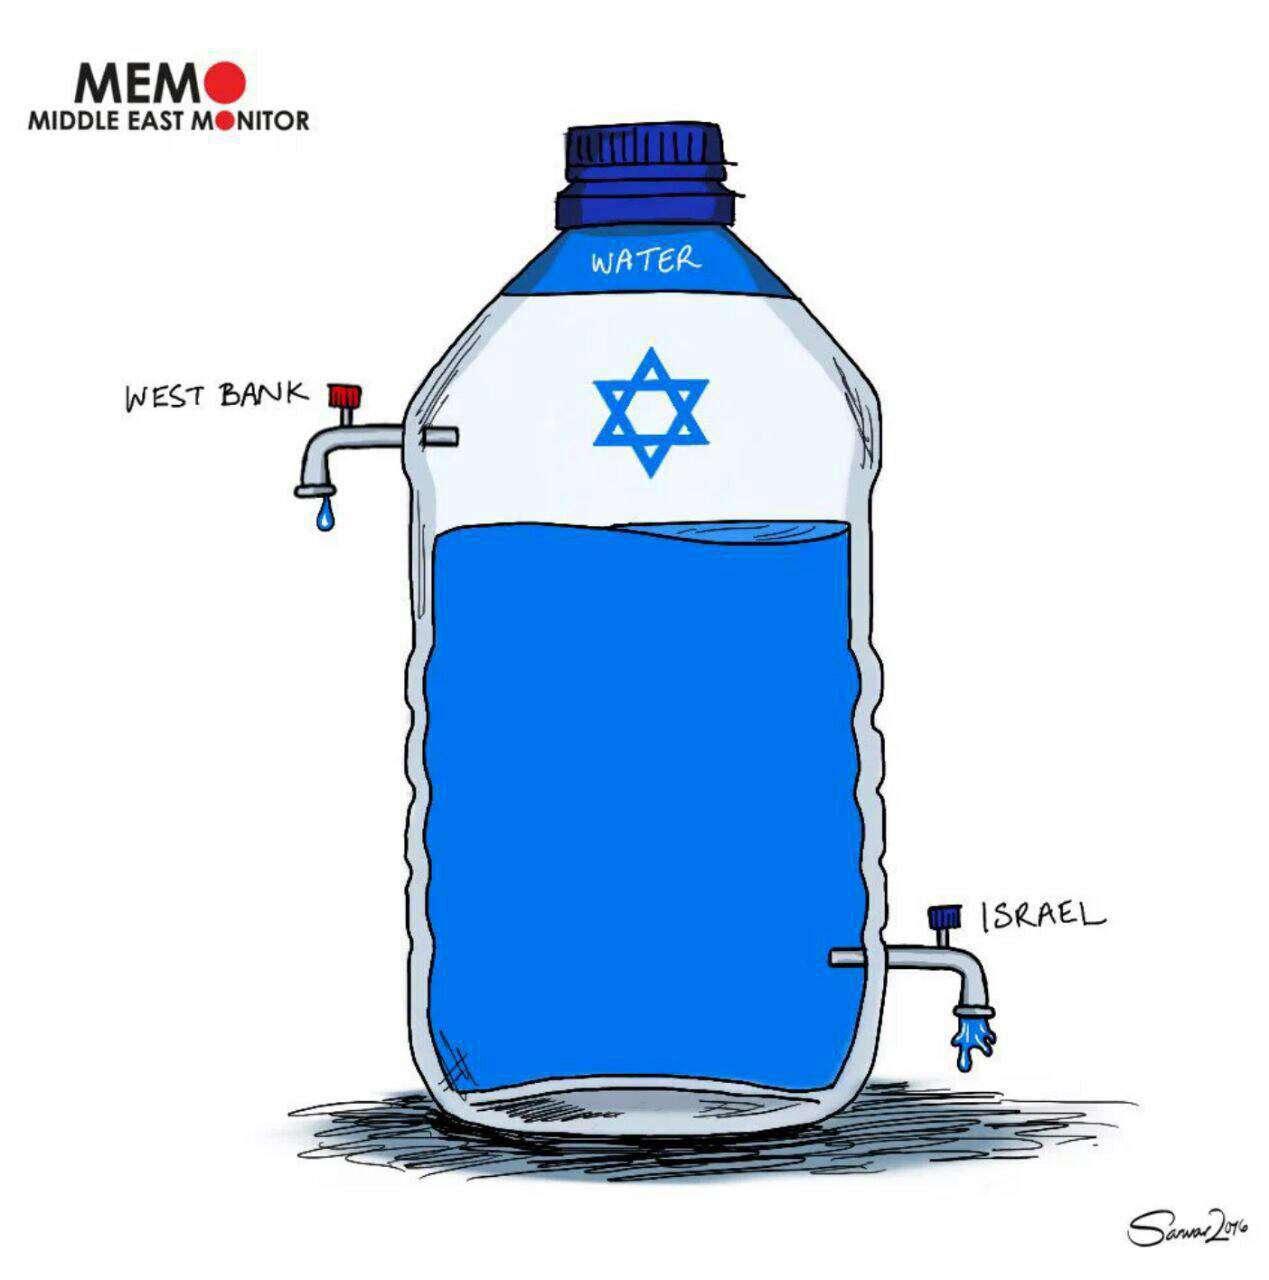 اسرائیل آب را در مناطق فلسطینی نشین جیره بندی کرده است، هر فلسطینی ۶۰ لیتر و هر اسراییل ۳۶۰ لیتر آب در روز